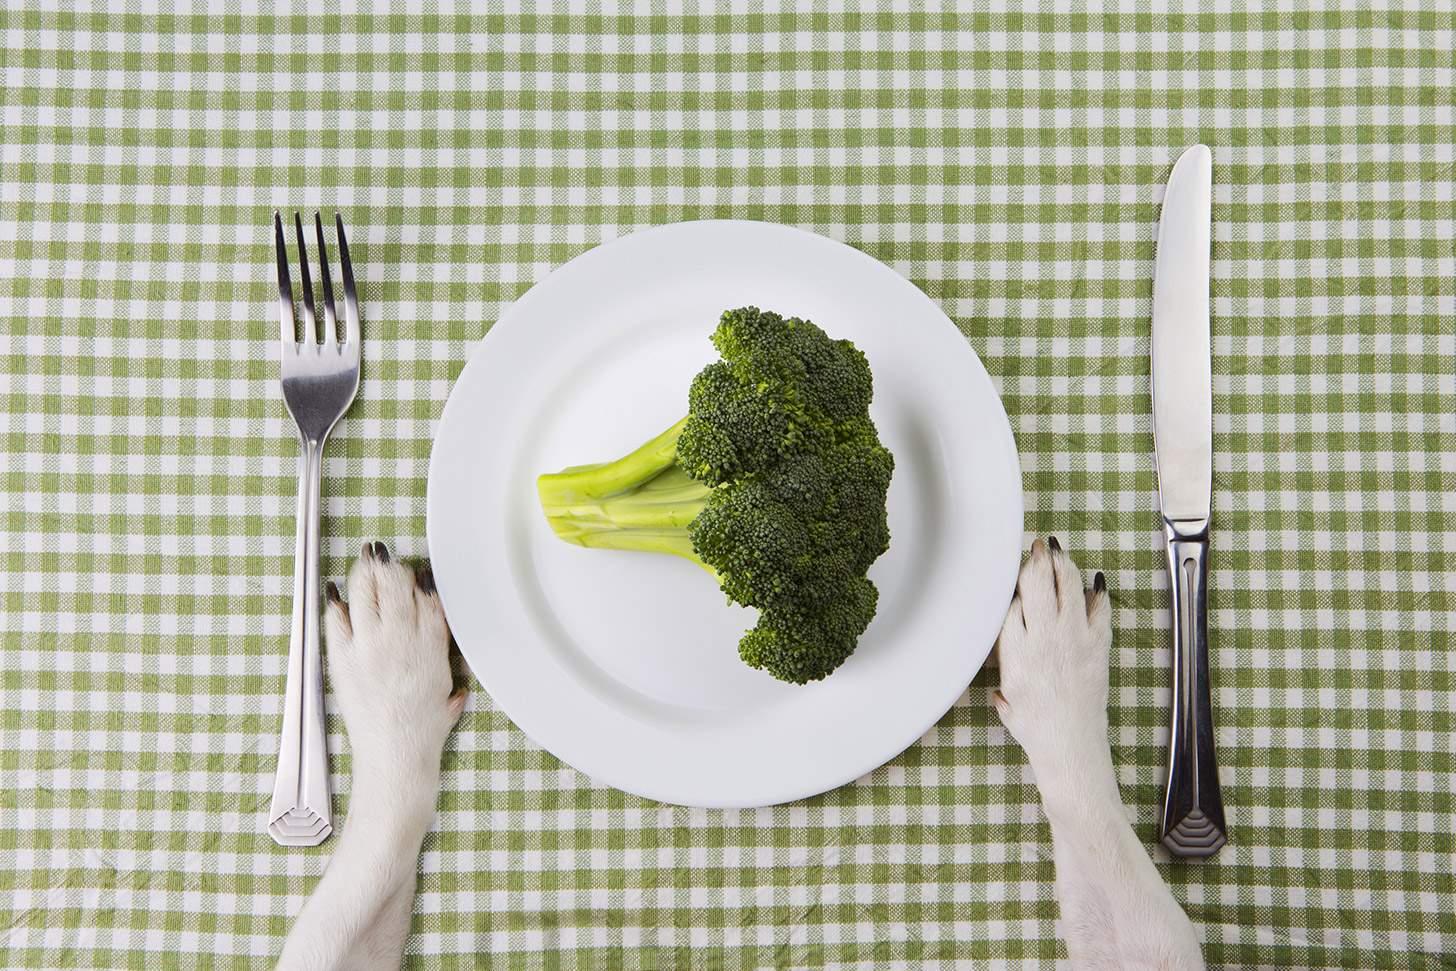 Mag mijn hond broccoli eten?